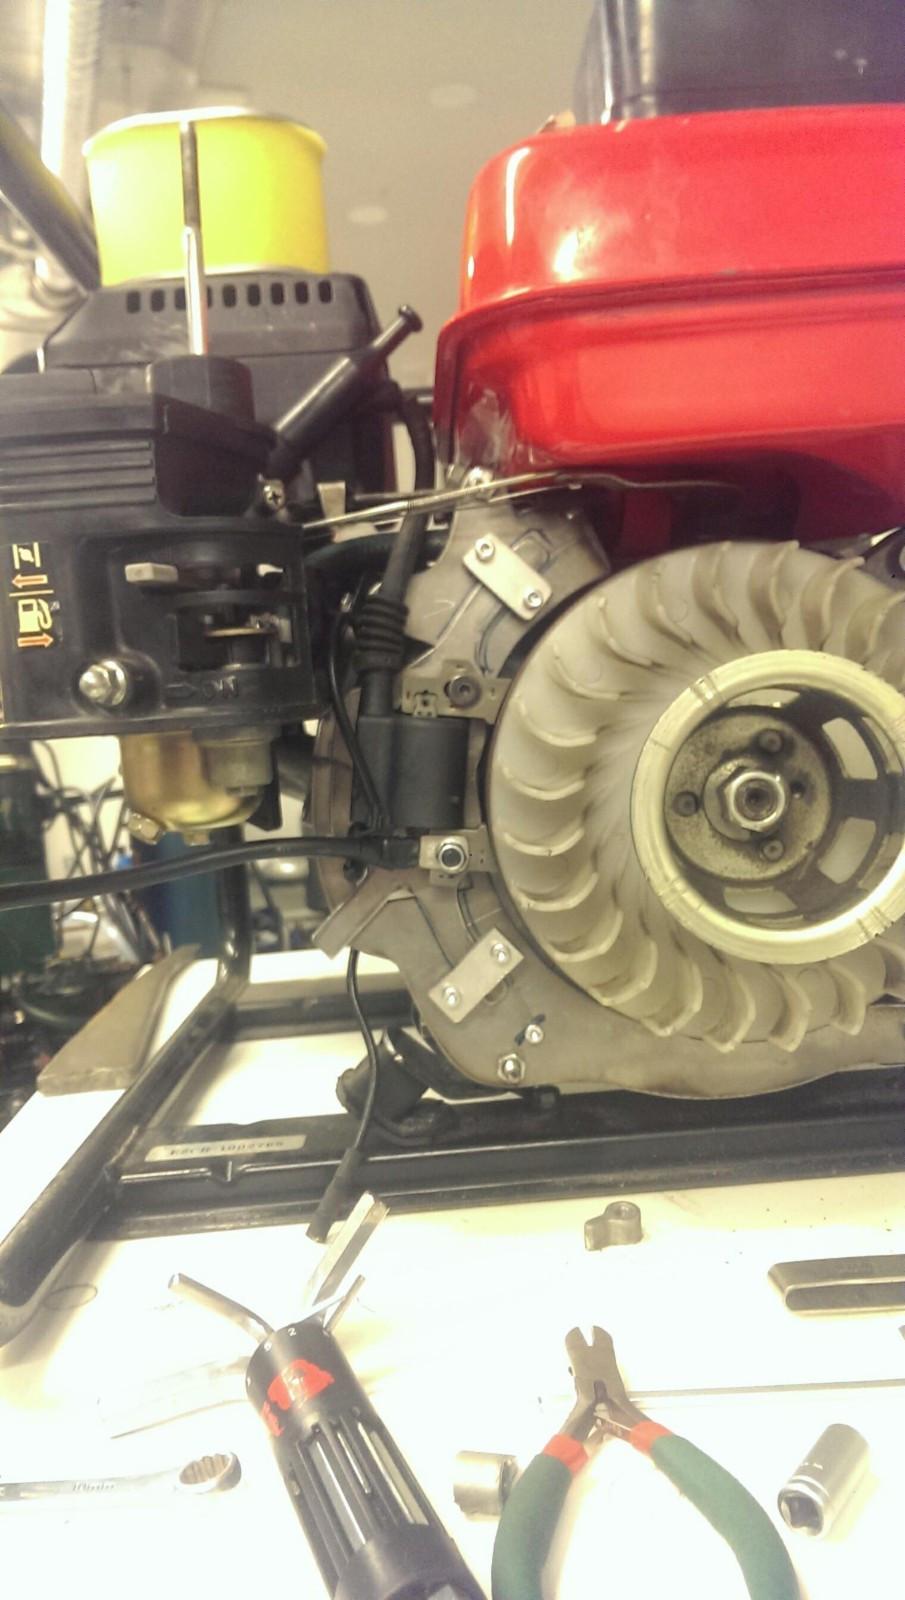 Coil / tennspole til Honda motorer - Alversund  - Ny coil til Honda industrimotorer gx120, gx160, gx200 med flere. Passer mange ulike motorer. Litt leveringstid kan forekomme - Alversund